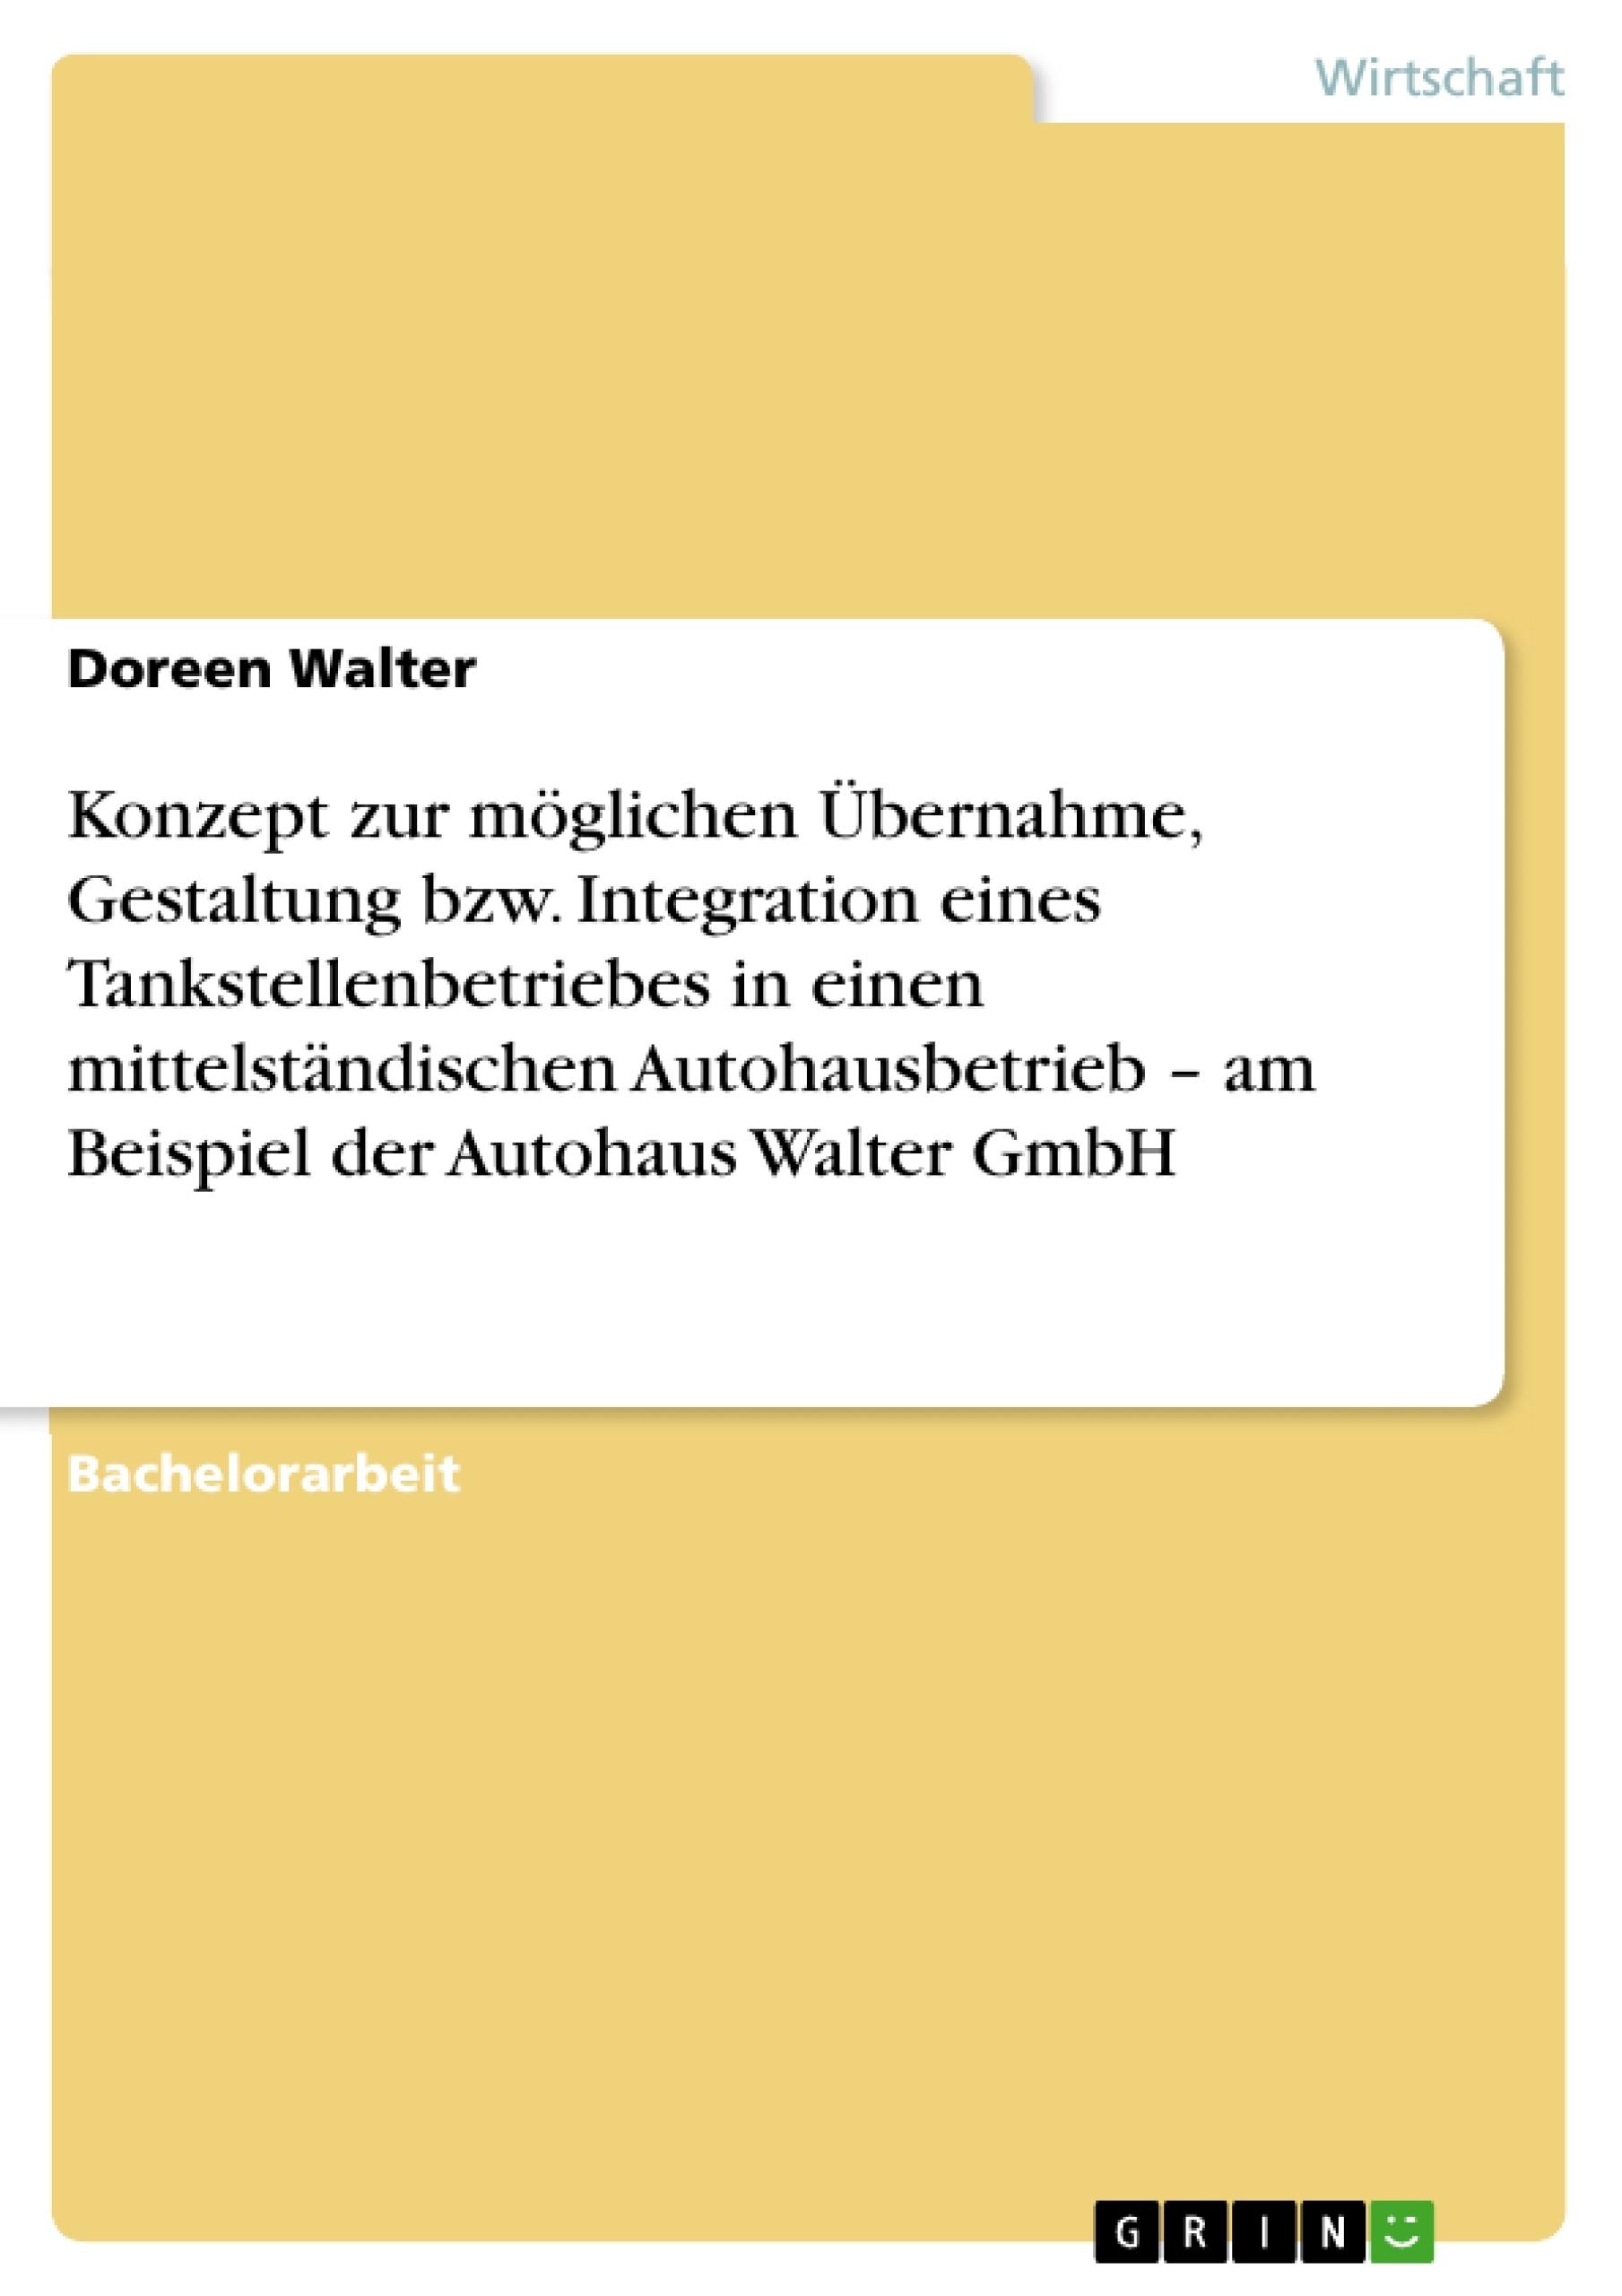 Titel: Konzept zur möglichen Übernahme, Gestaltung bzw. Integration eines Tankstellenbetriebes in einen mittelständischen Autohausbetrieb – am Beispiel der Autohaus Walter GmbH